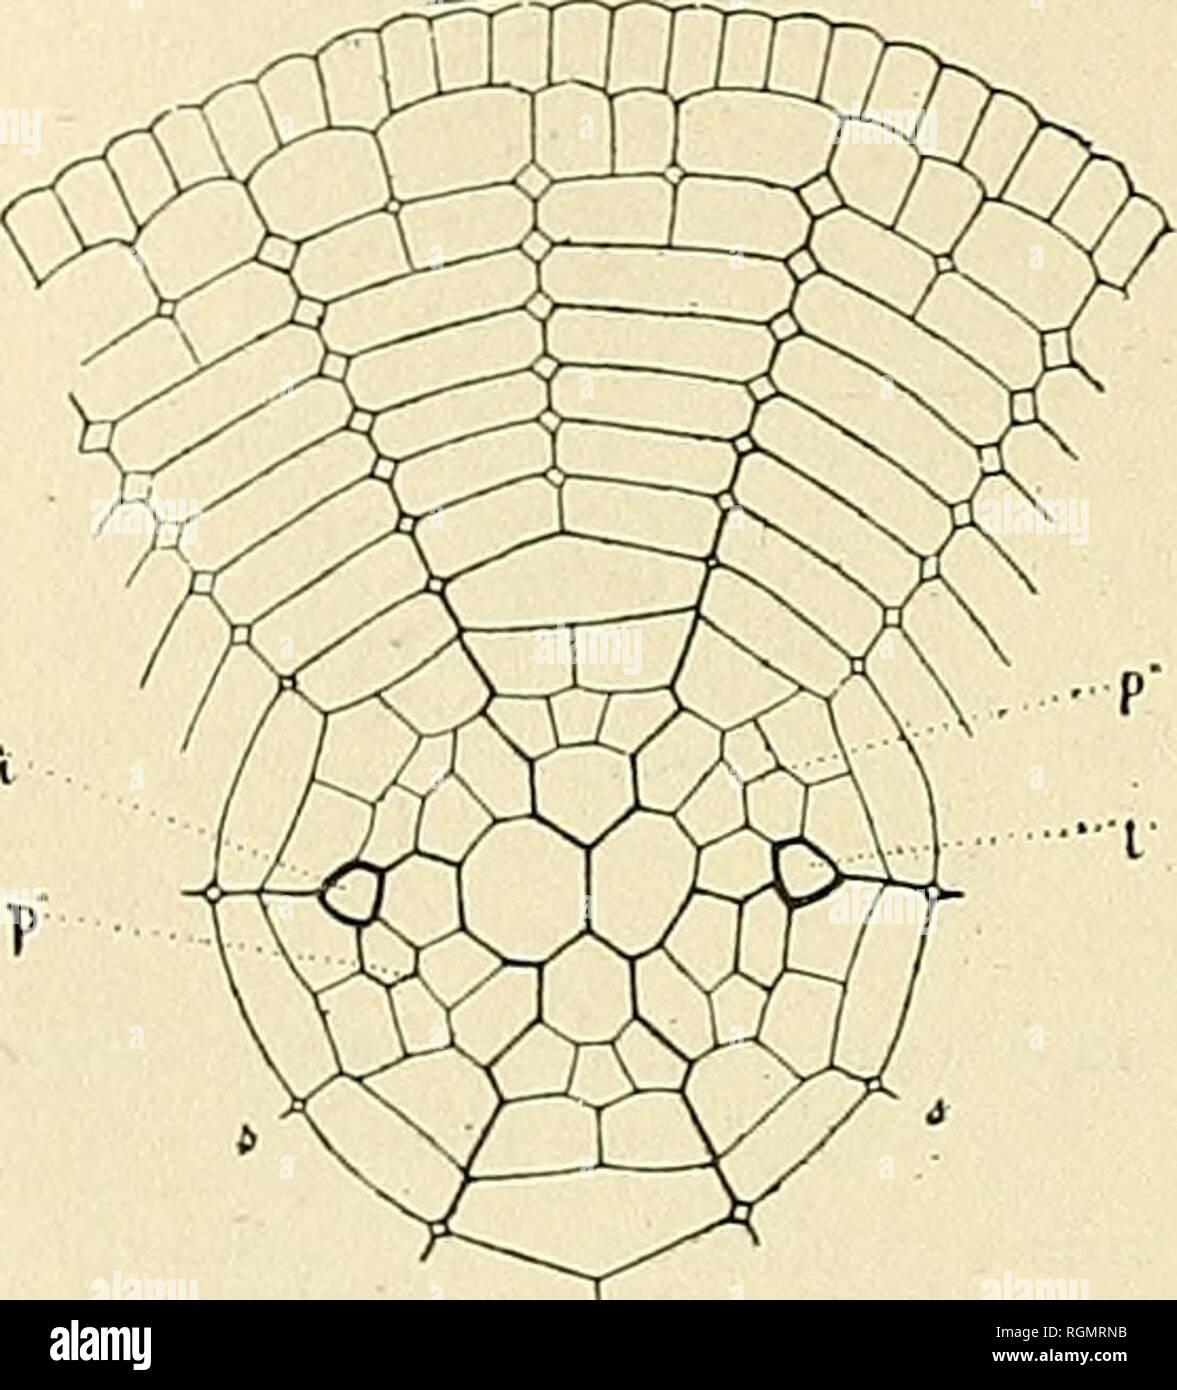 . Bulletin du Muséum national d'histoire naturelle. Natural history. â 118 â Région moyenne. â Dans chaque secteur médian, la région moyenne se subdivise par une première cloison radiale (B, fig. h) en deux cellules in- égales, puis une seconde cloison radiale B' divise la grande cellule de façon à donner en définitive trois cellules placées côte à côte et dont la médiane est un peu plus petite que les deux autres. Dans le grand secteur gauche, une cloison longitudinale très oblique (H, fig. 3) dédouble incom- plètement cette région en une portion externe petite et une portion  - Stock Image